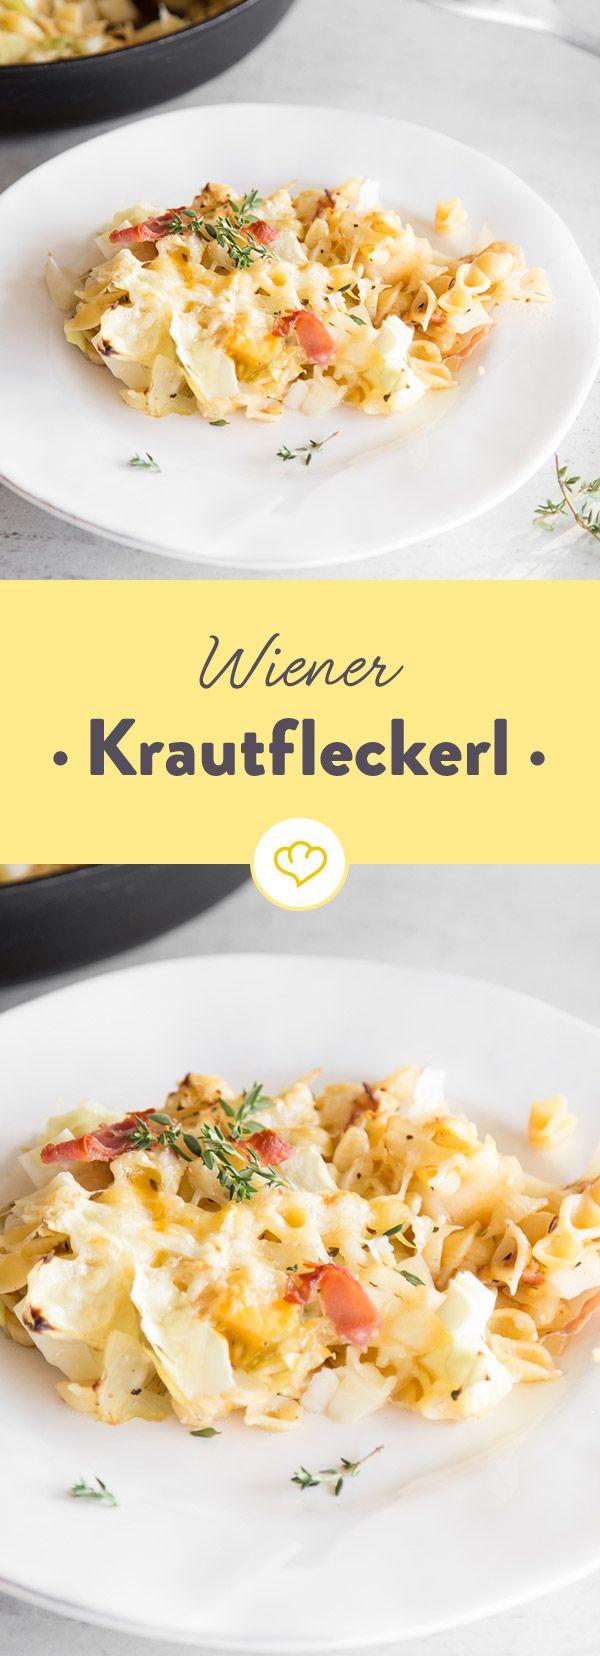 Mit dieser Wiener Spezialität aus böhmischen Nudeln und Weißkohl tischst du richtig dick auf! Bergkäse verleiht dem Klassiker eine extra Portion Würze.